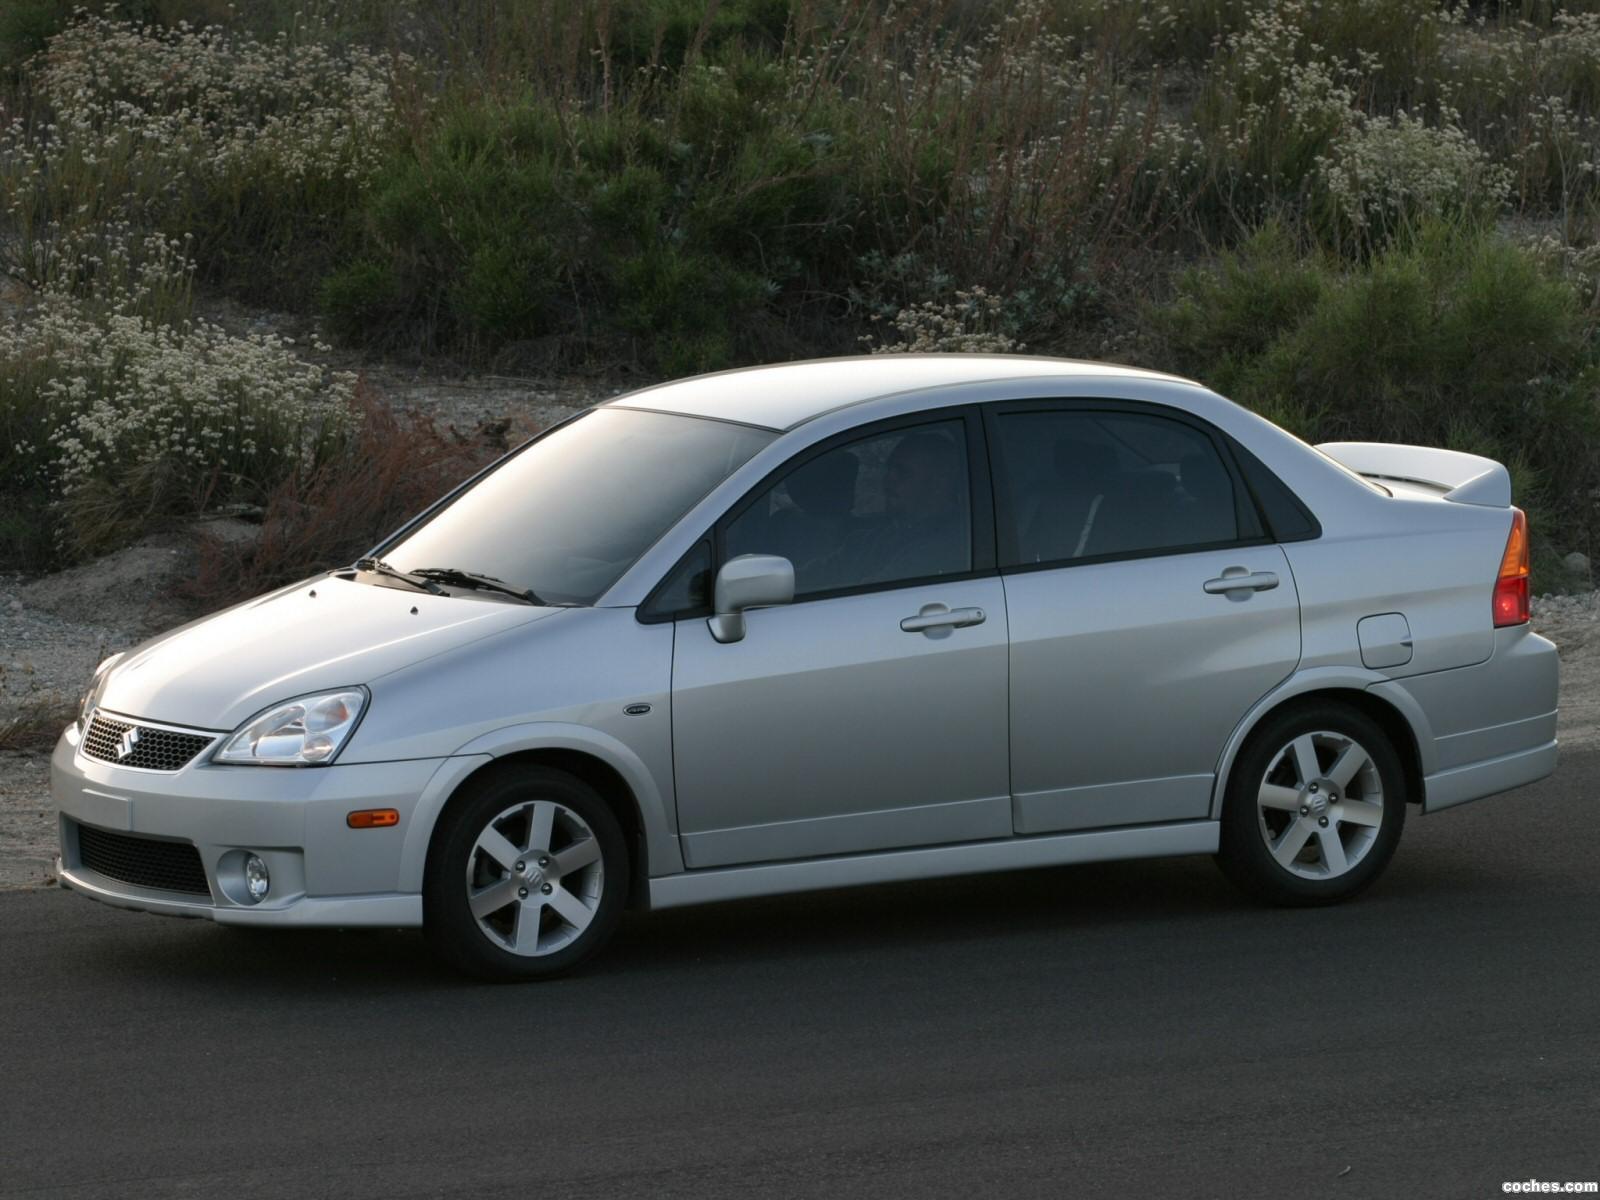 Foto 2 de Suzuki Aerio SX Sedan USA 2001